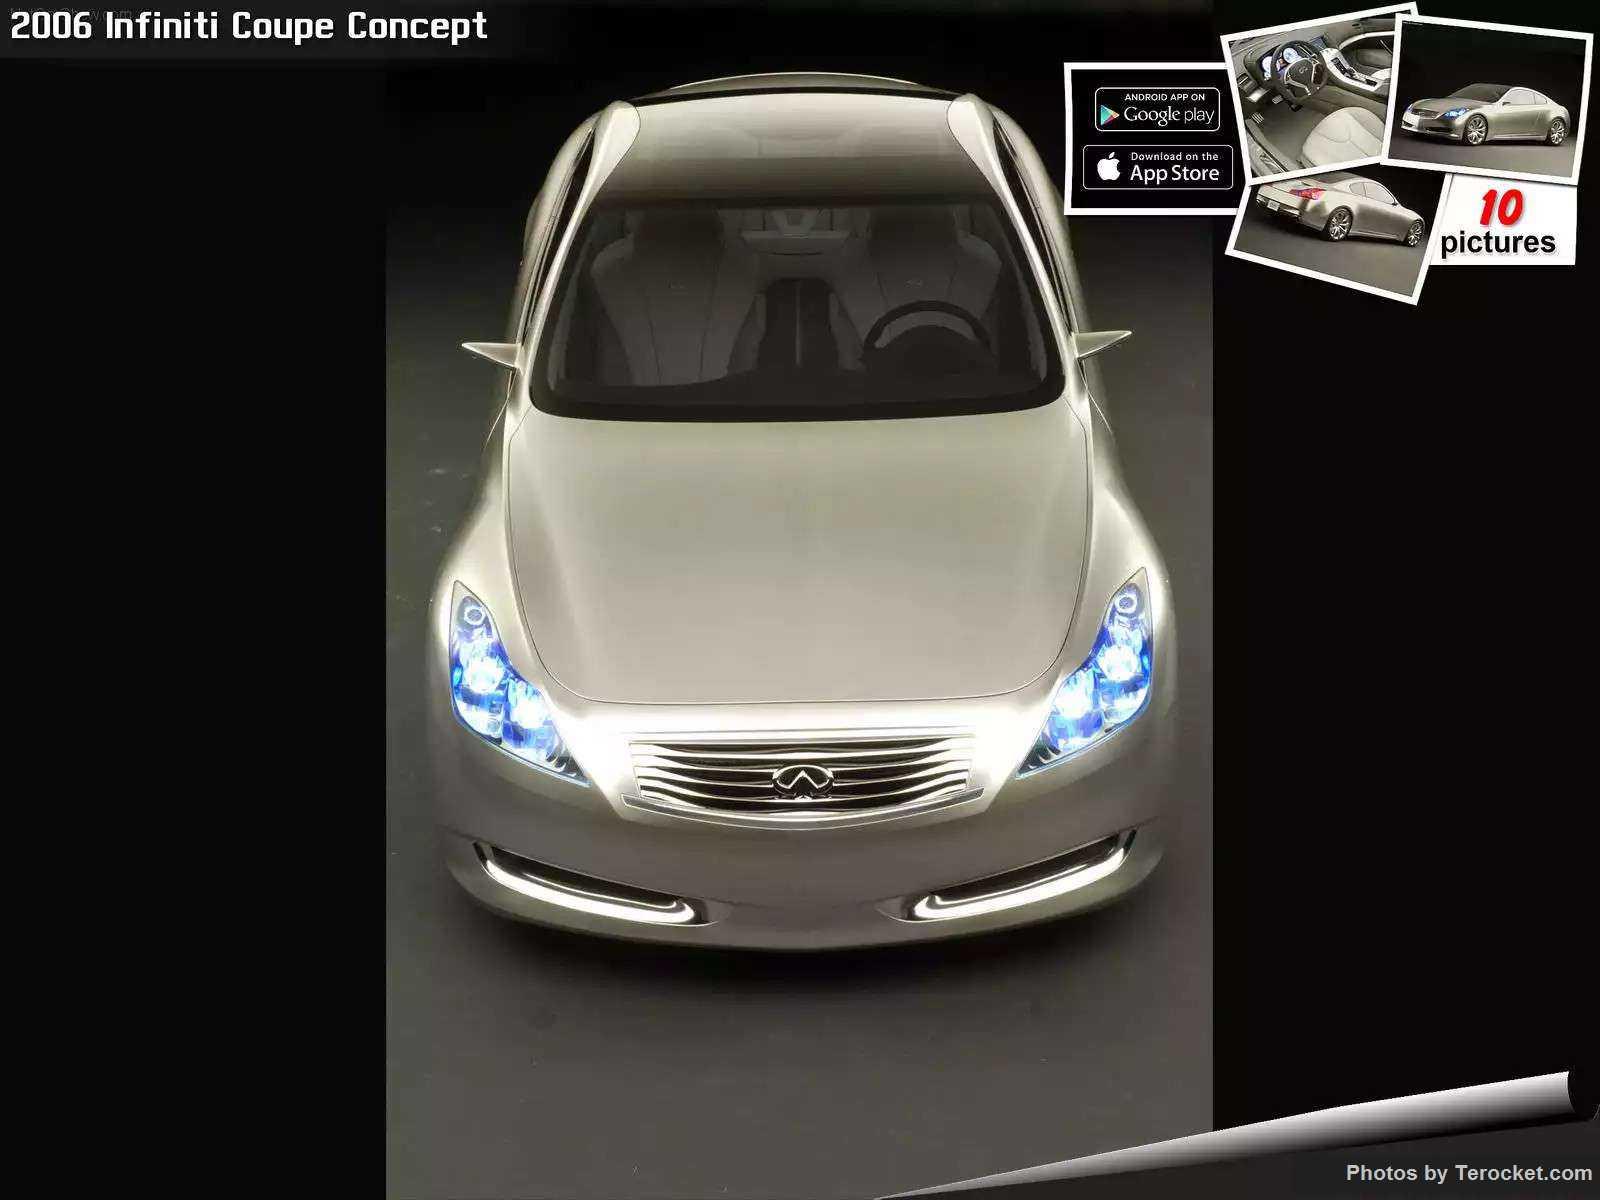 Hình ảnh xe ô tô Infiniti Coupe Concept 2006 & nội ngoại thất